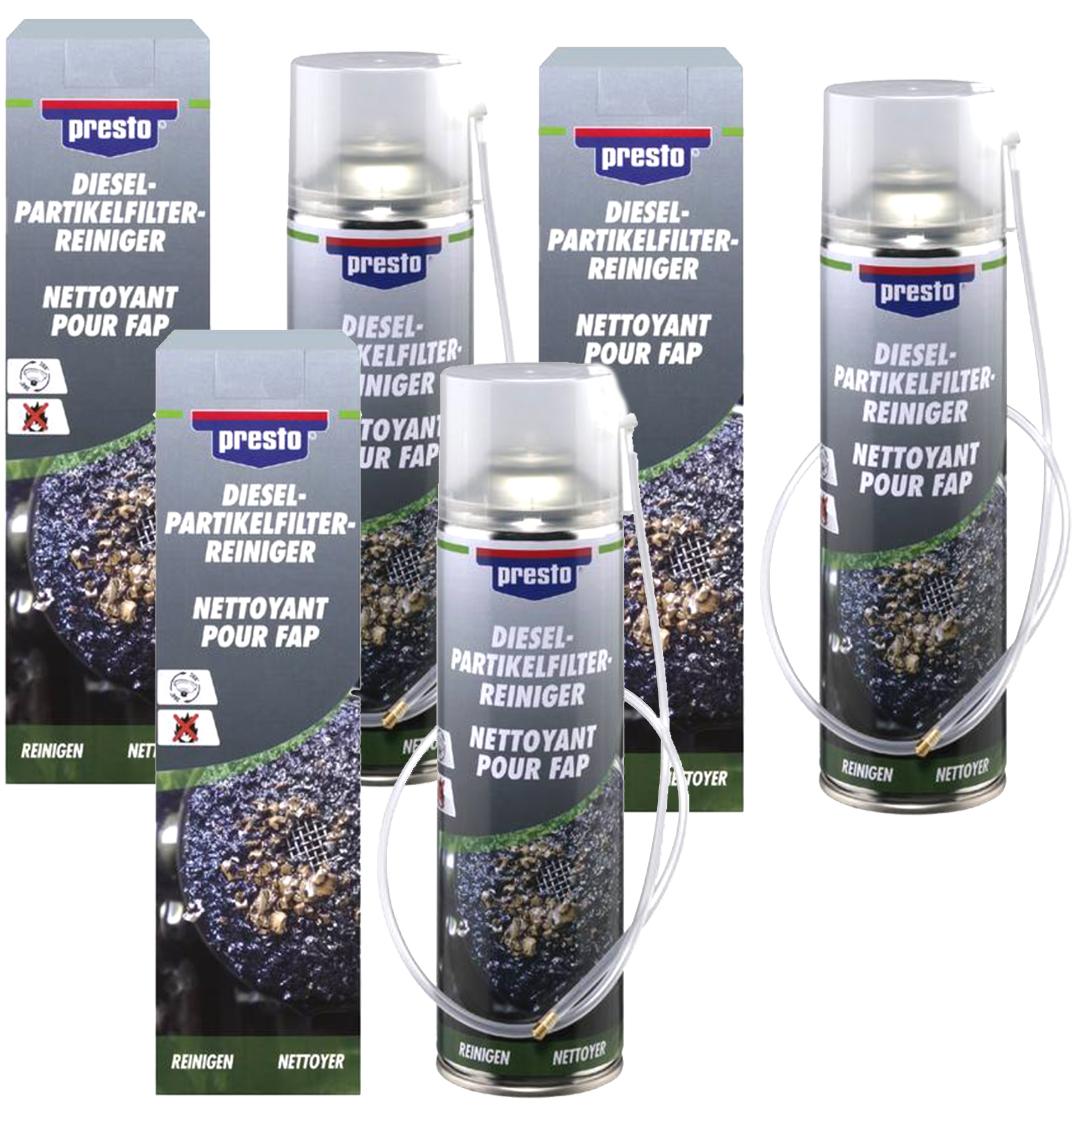 3x Presto Dieselpartikelfilter Reiniger DPF Reiniger mit Sonde 400 ml Rußfilter